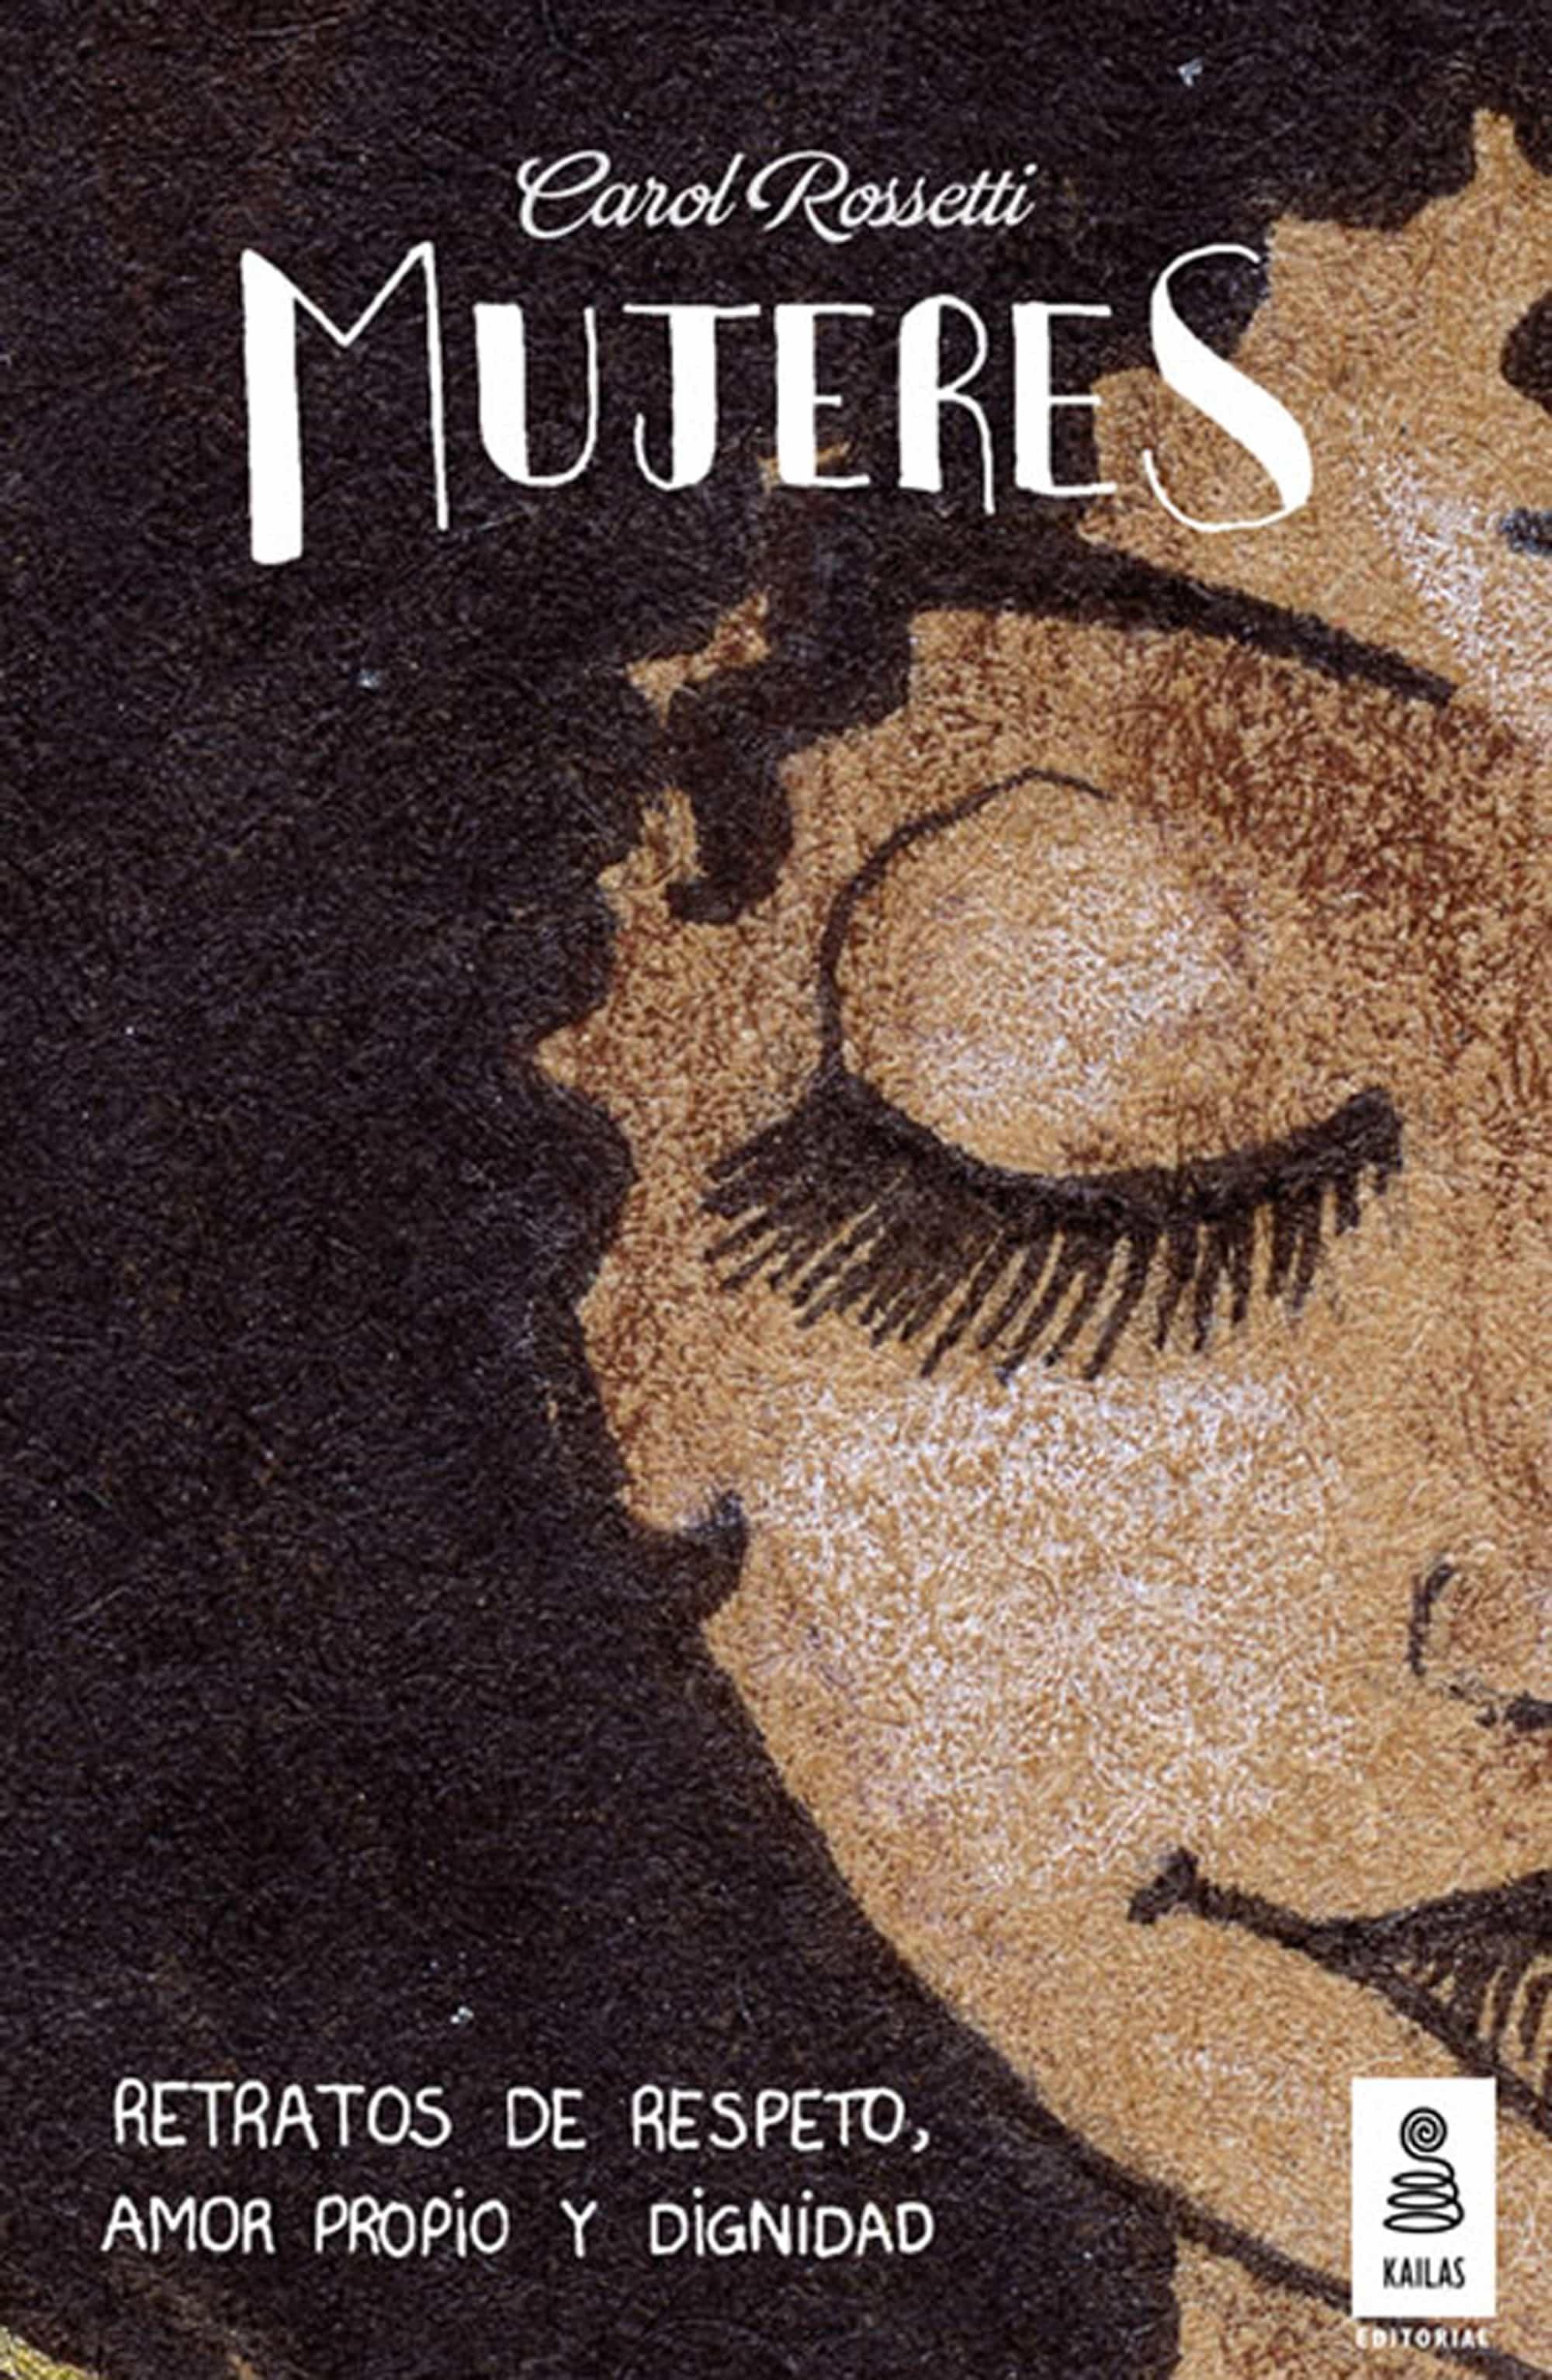 Mujeres ebook carol rossetti descargar libro pdf o epub mujeres ebook carol rossetti 9788416023929 fandeluxe Images